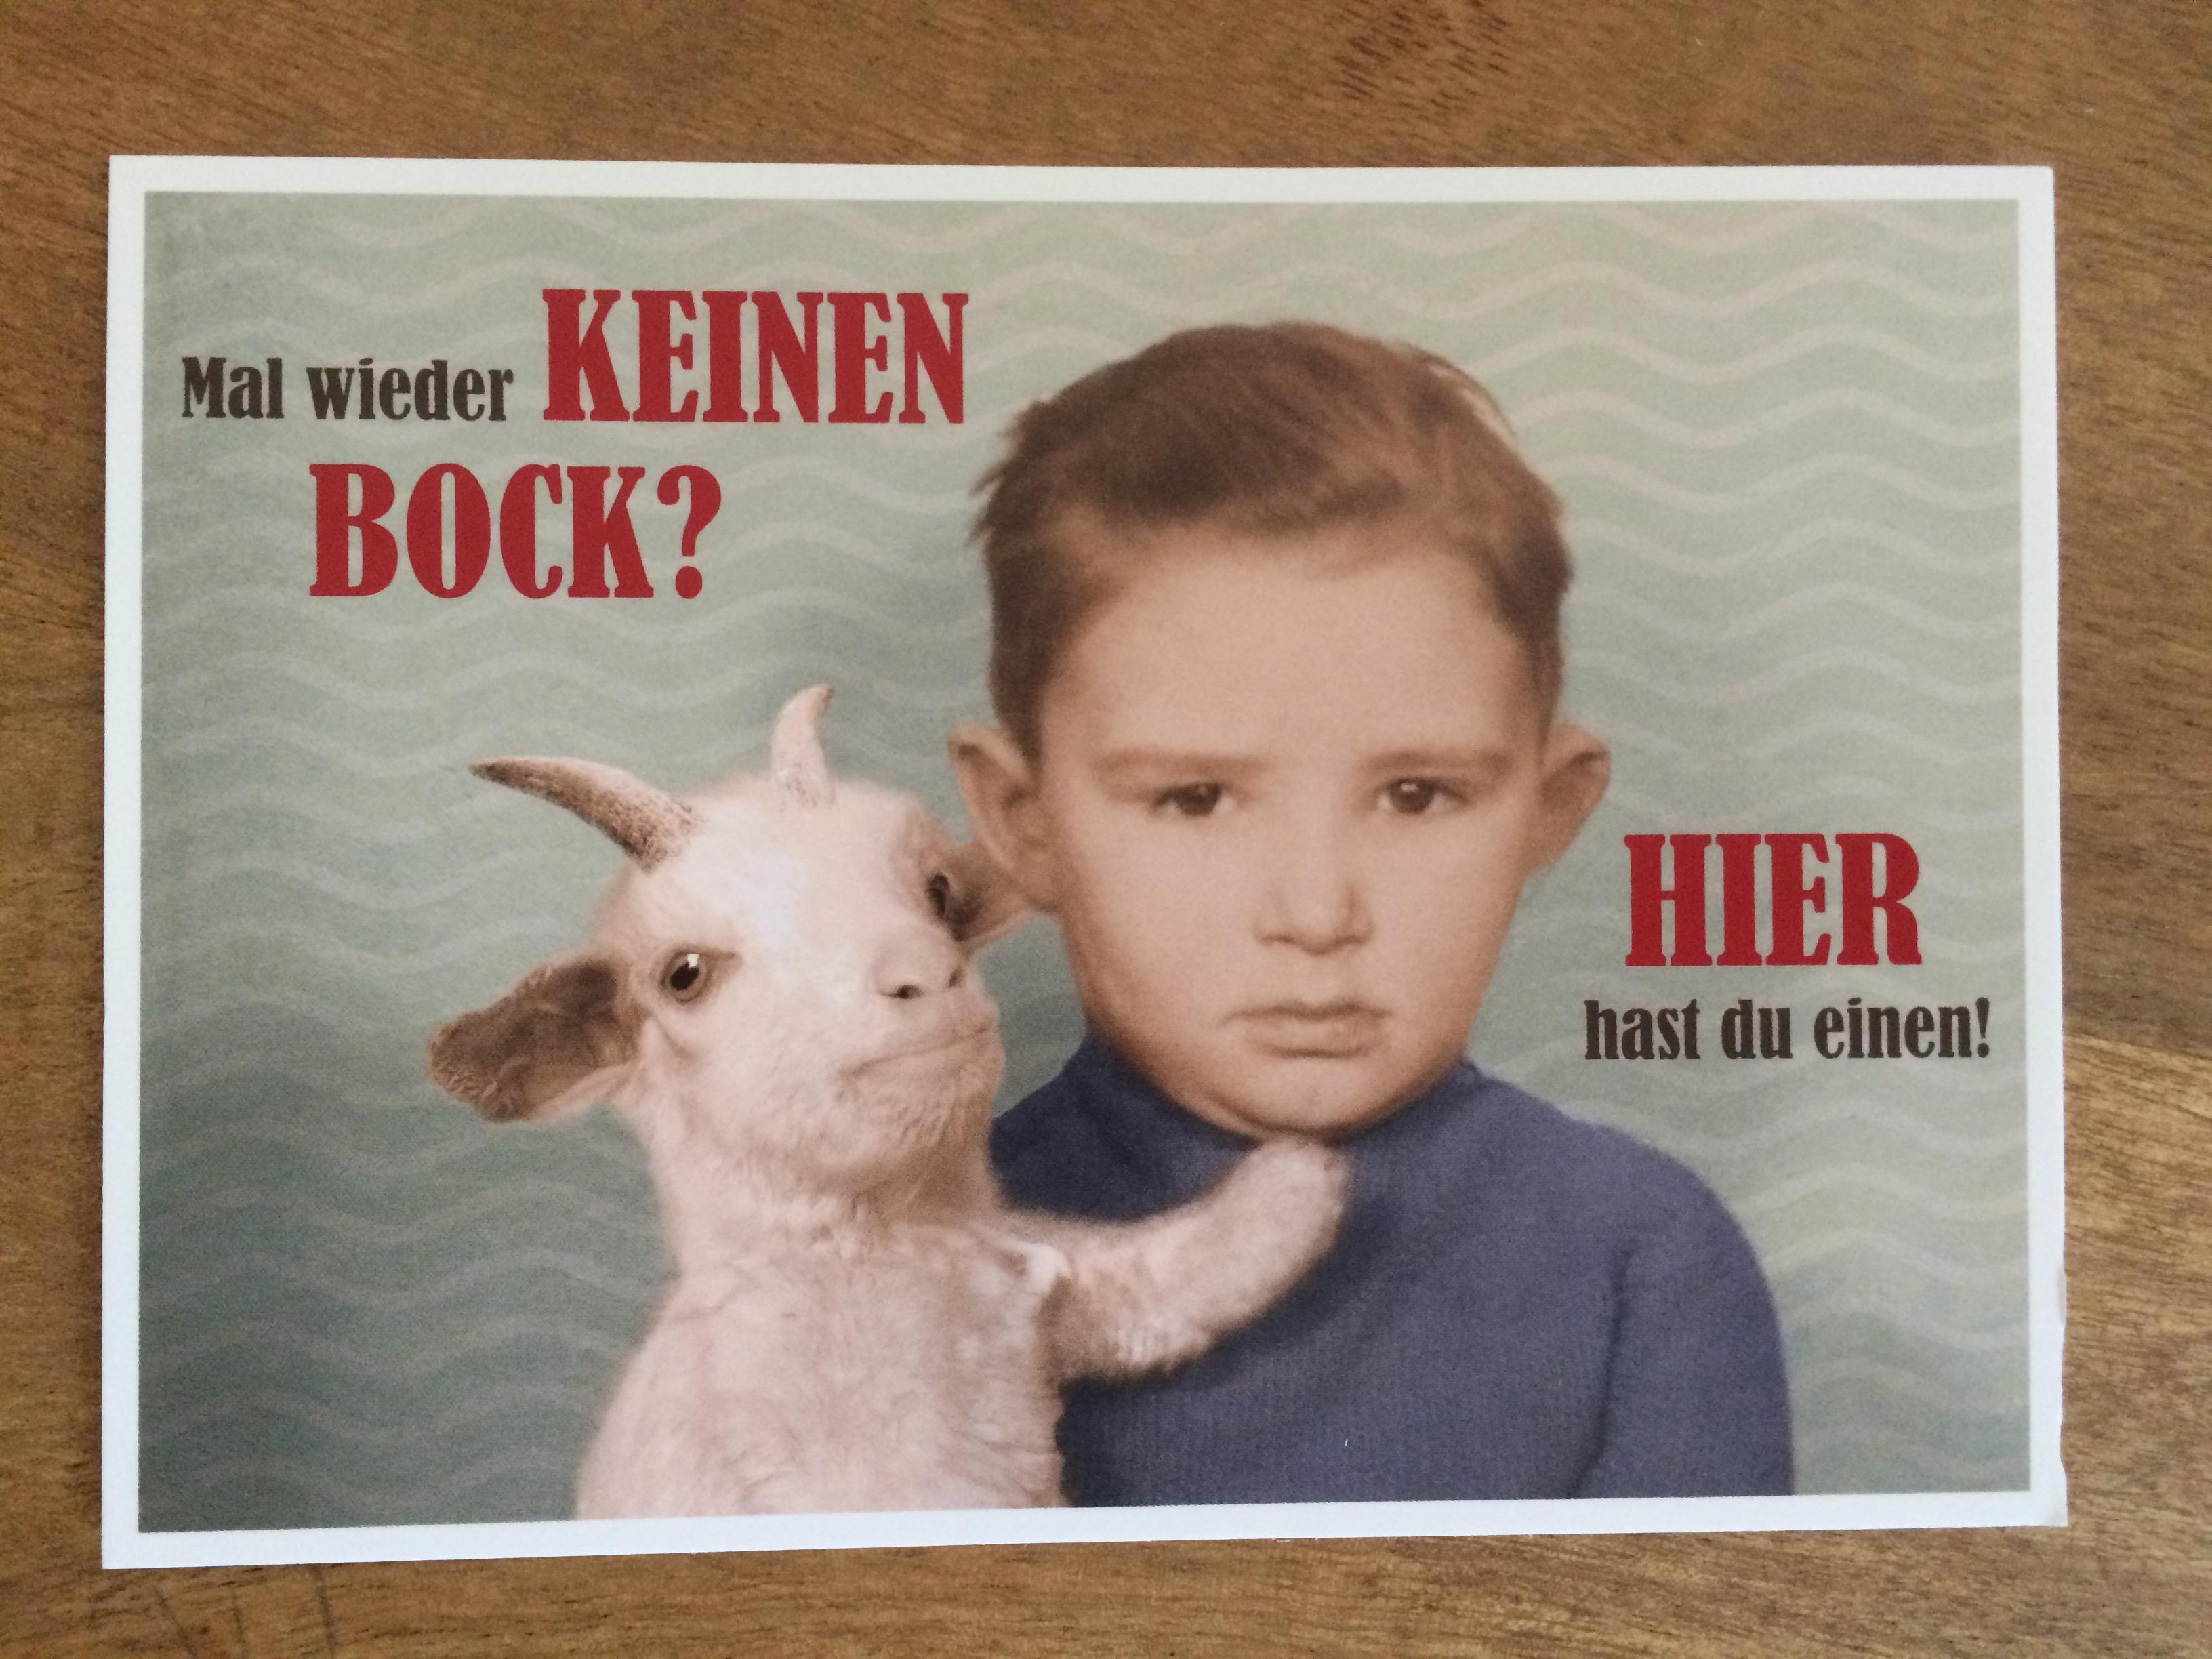 Postkarte Karte Mal wieder keinen Bock Hier hast du einen Paloma